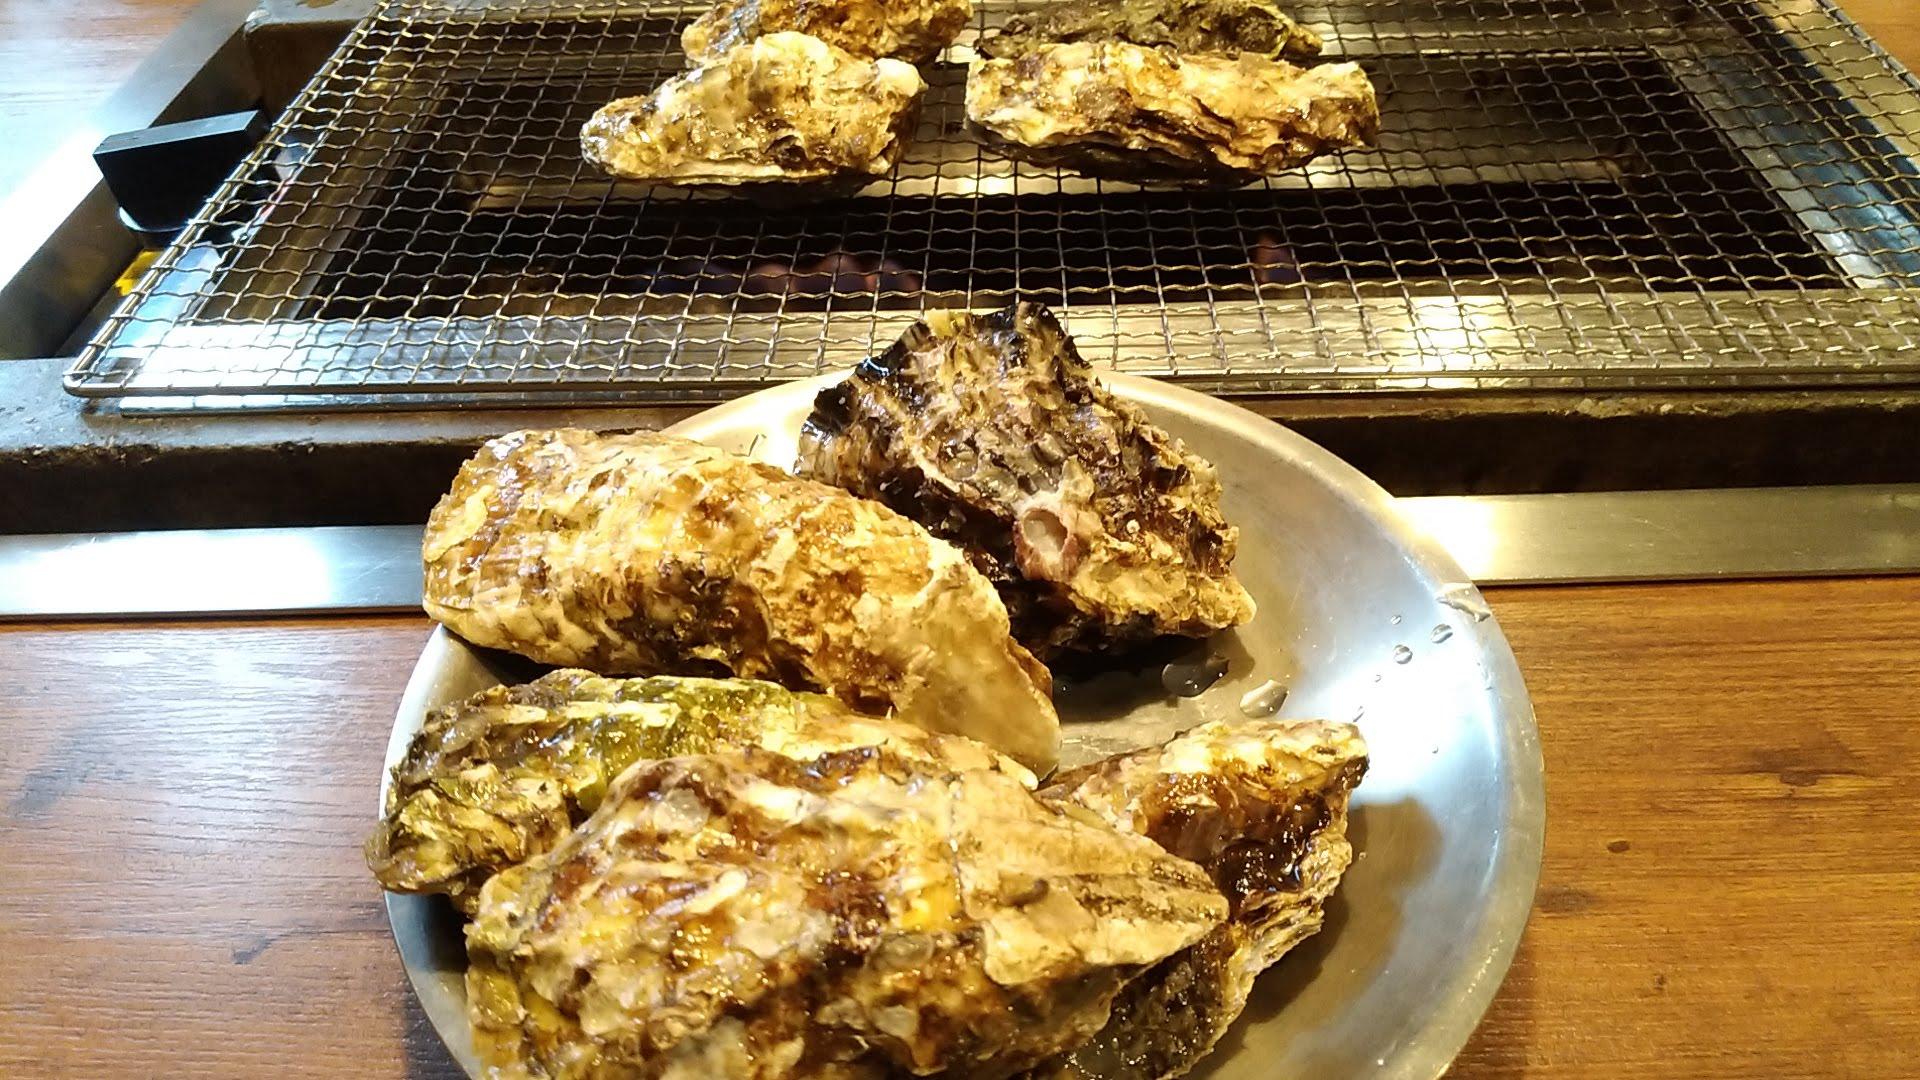 baked oyster 1kg